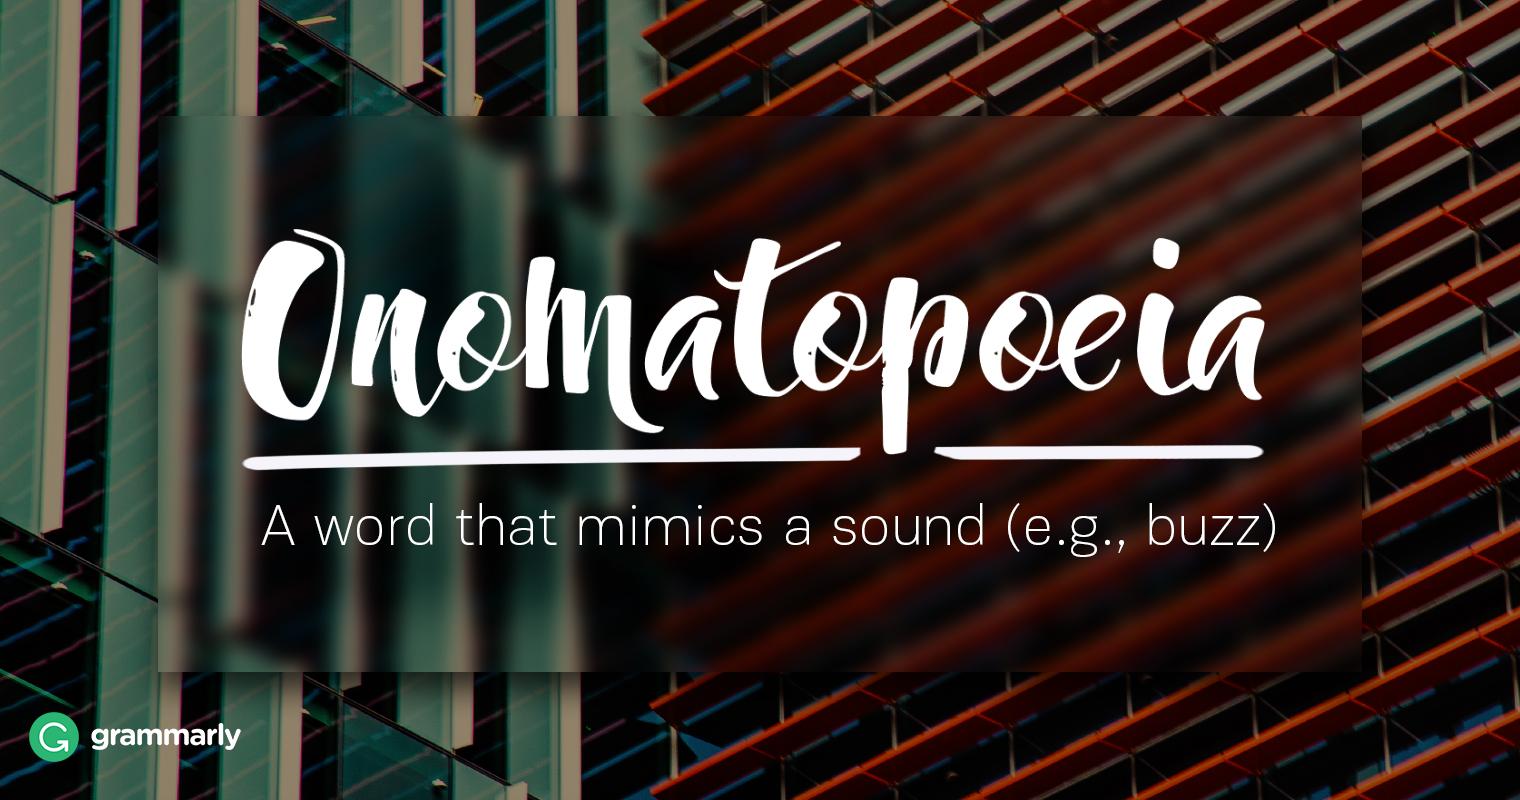 Literary Onomatopoeia Explanation